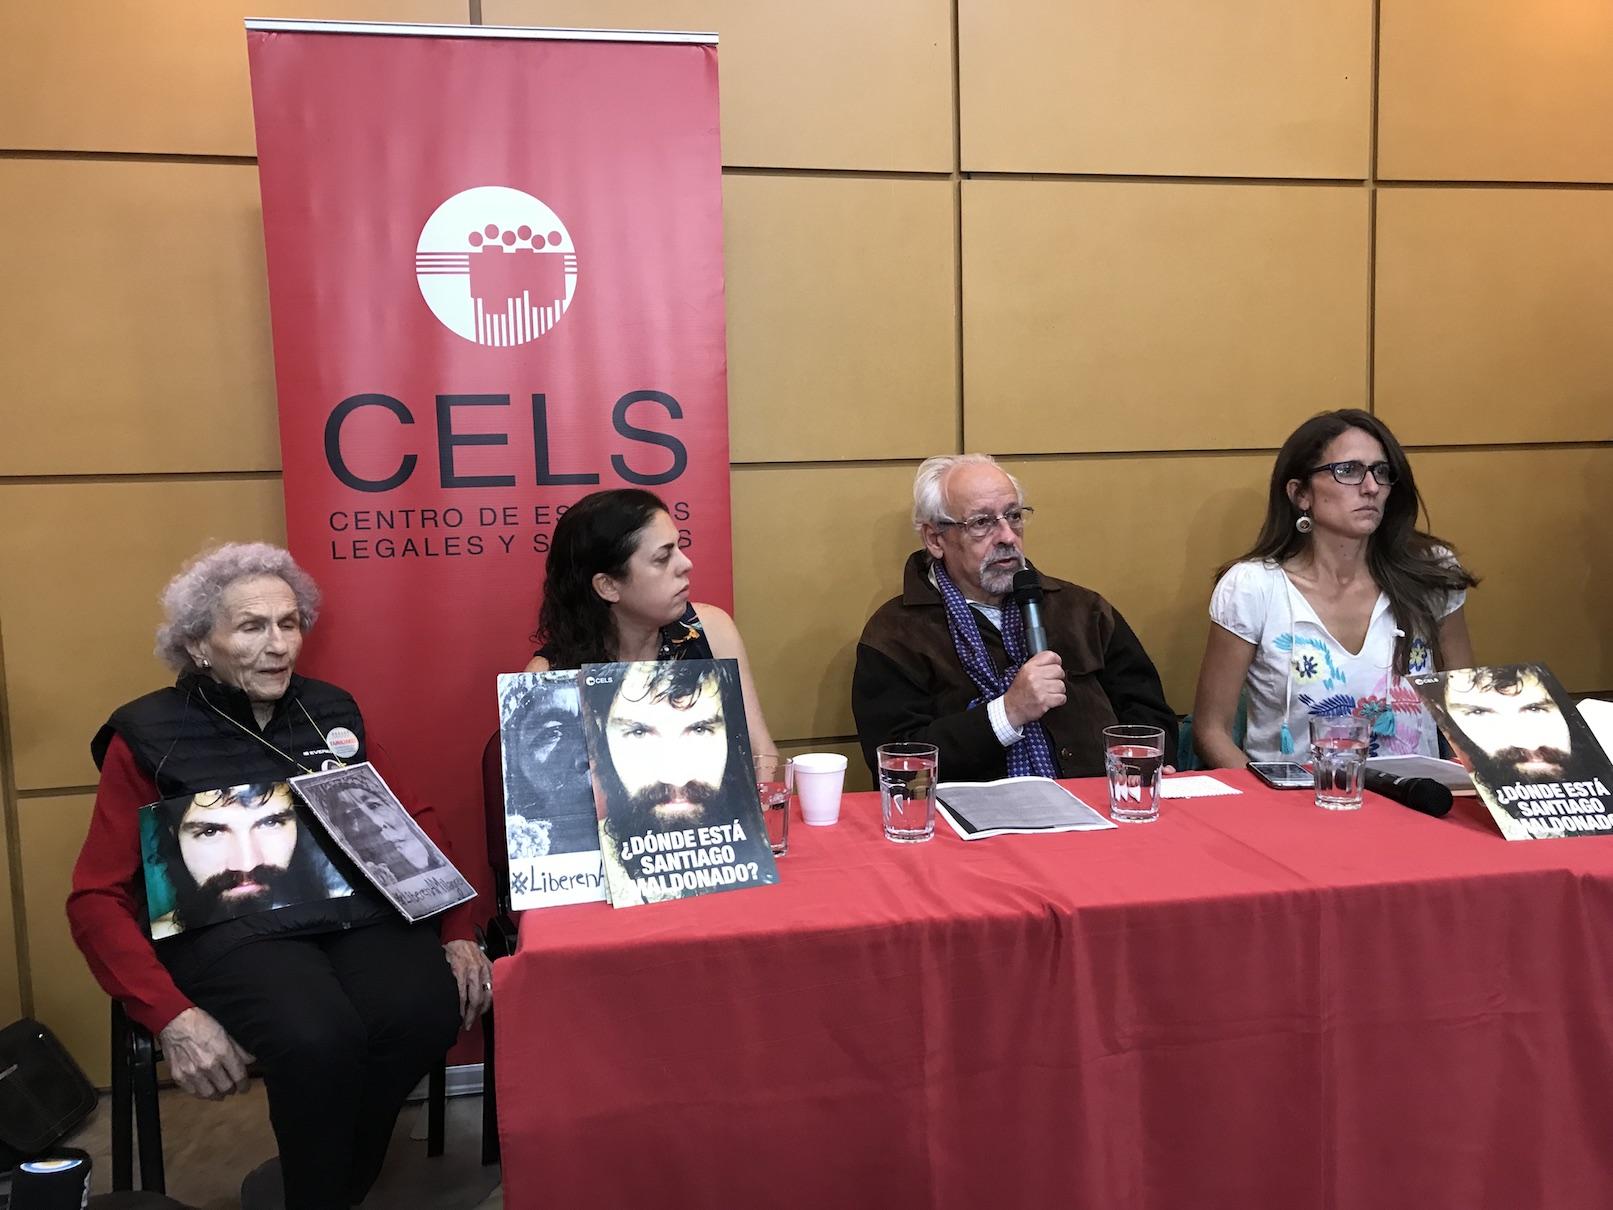 Conferencia_Cels1.jpg